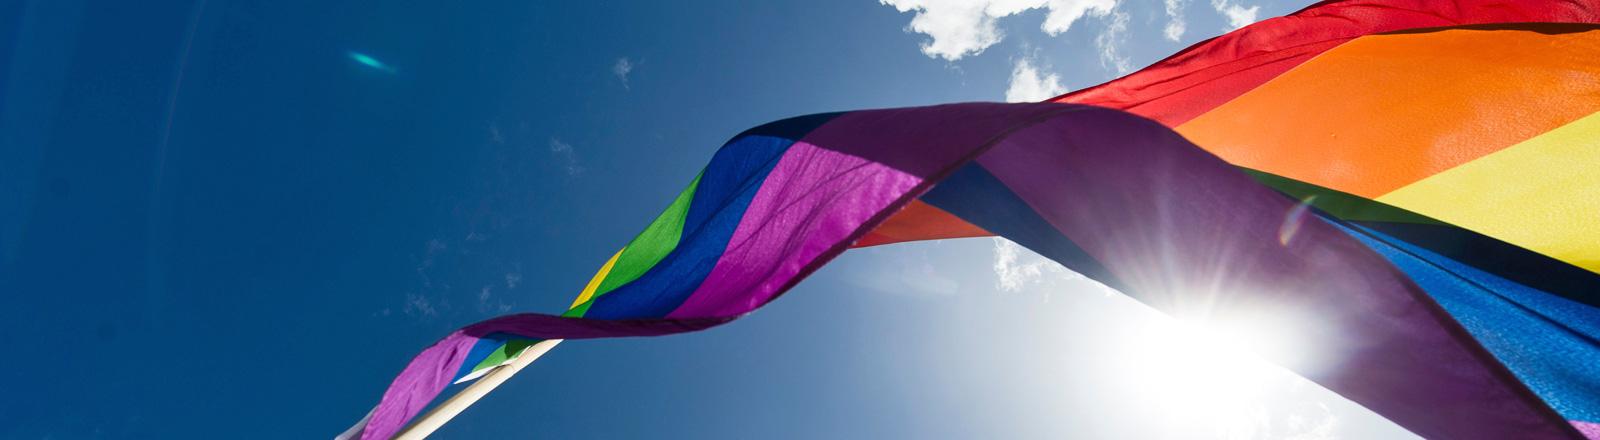 Eine Regenbogenfahne weht im Wind, blauer Himmel und Sonnenschein; Foto: dpa